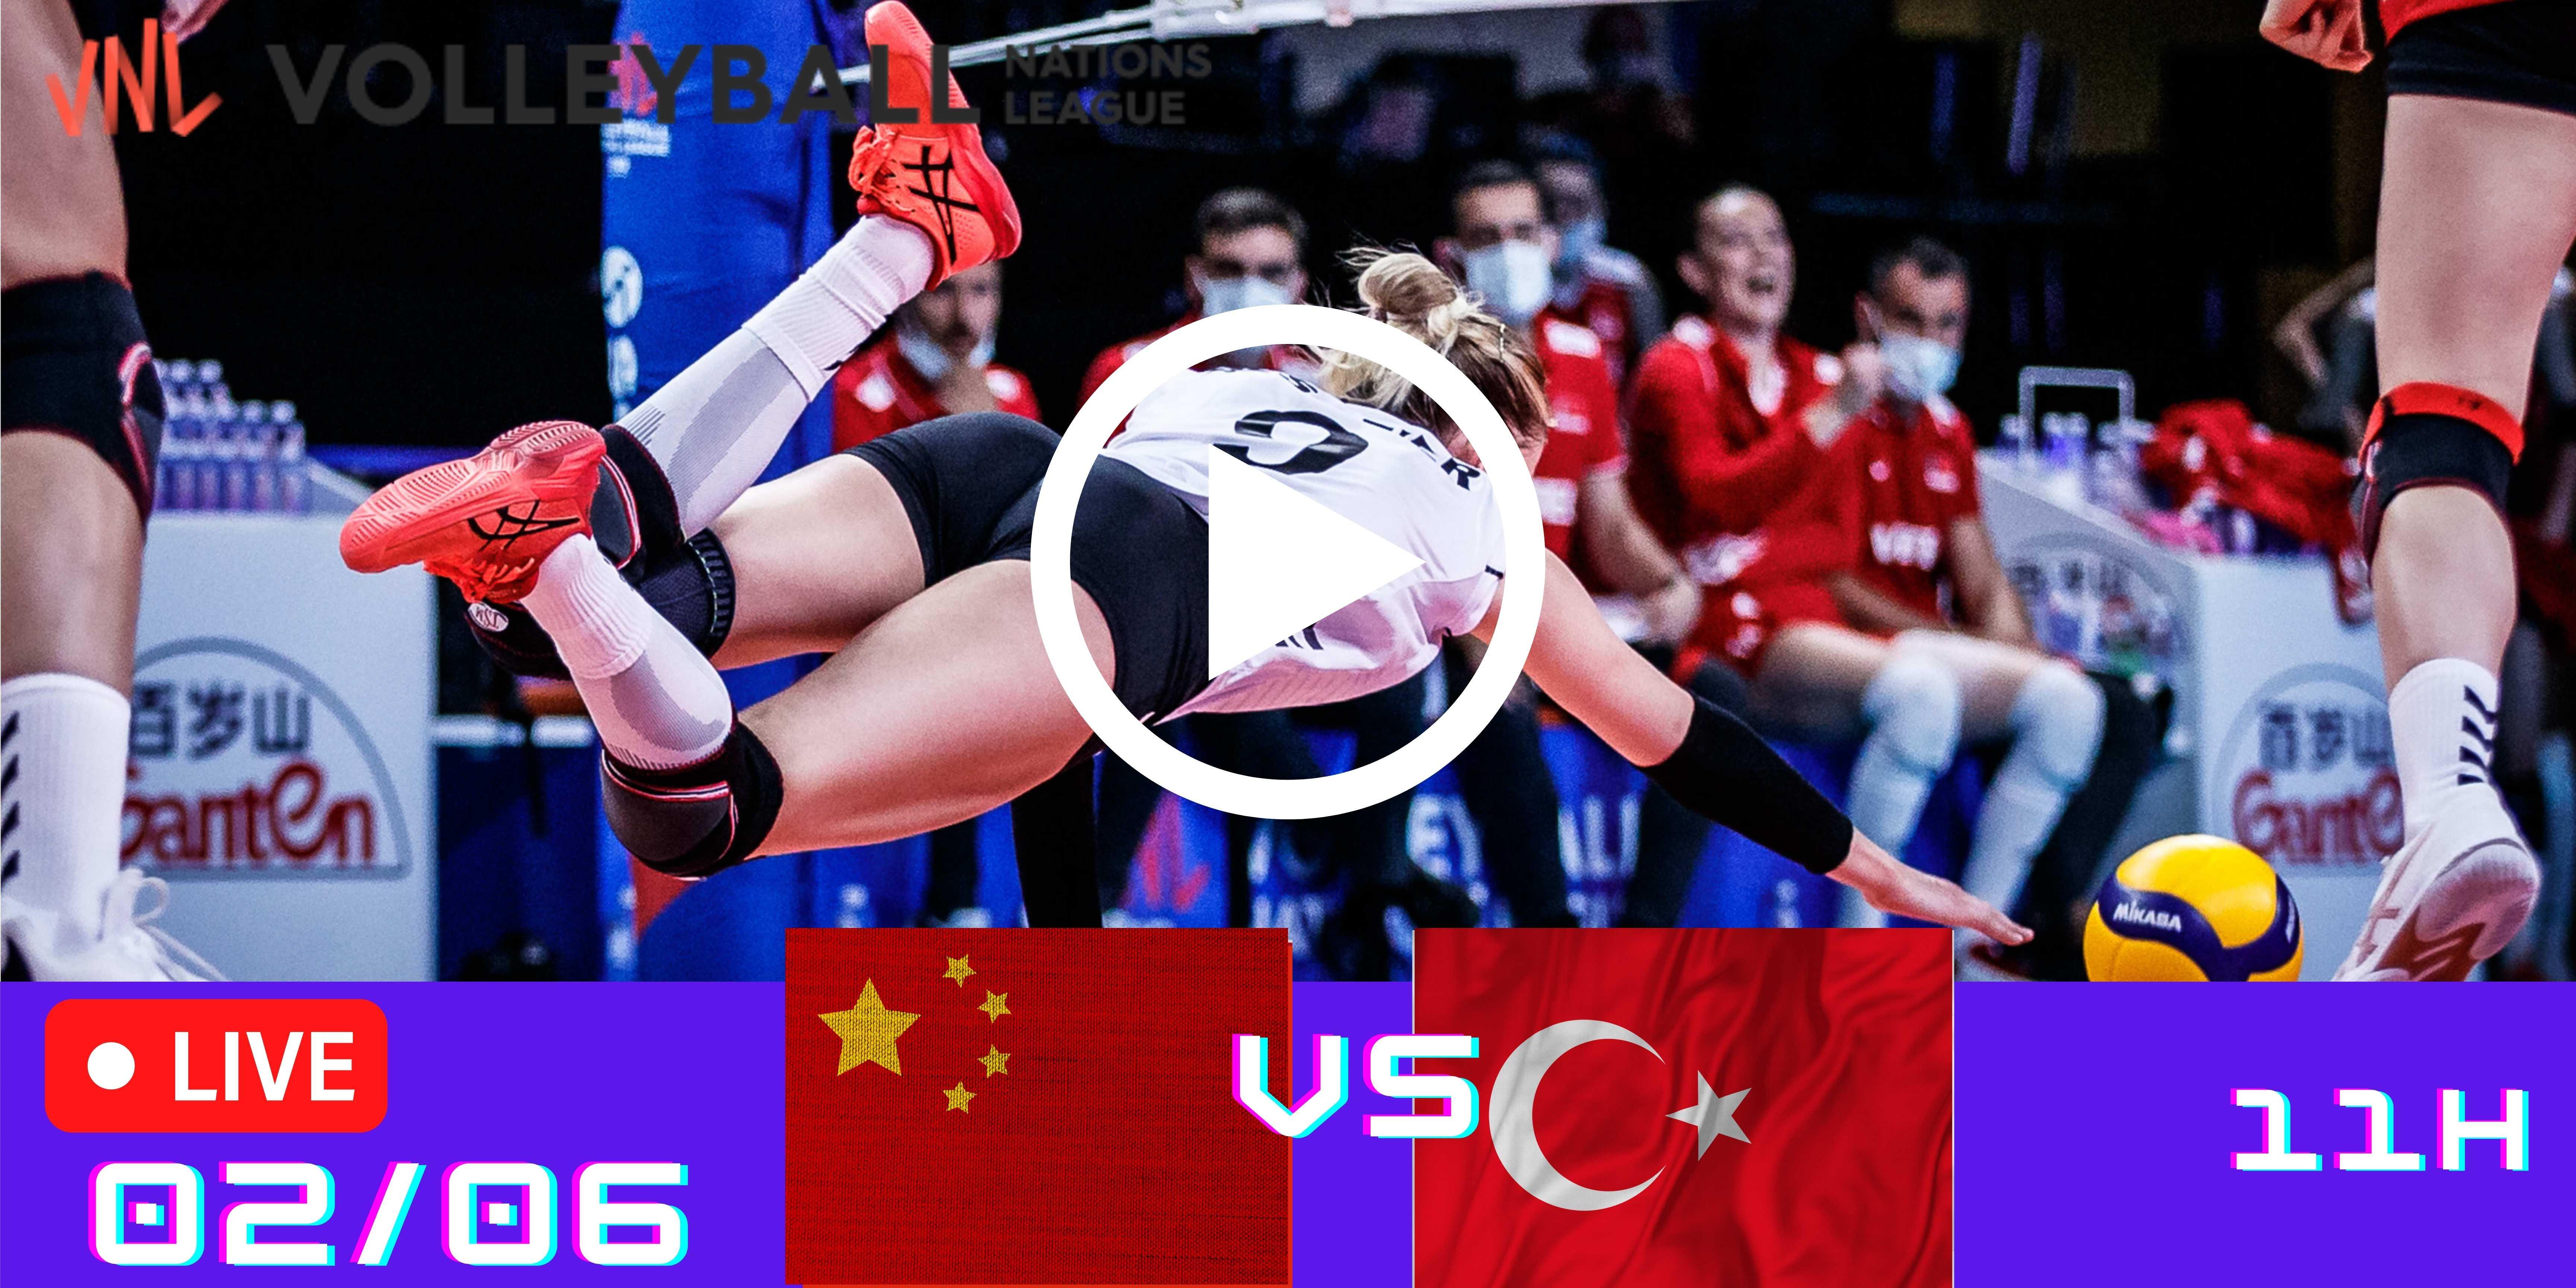 Resultado: China 0 vs 3 Turquia – Liga das Nações – 02/06 – 11h